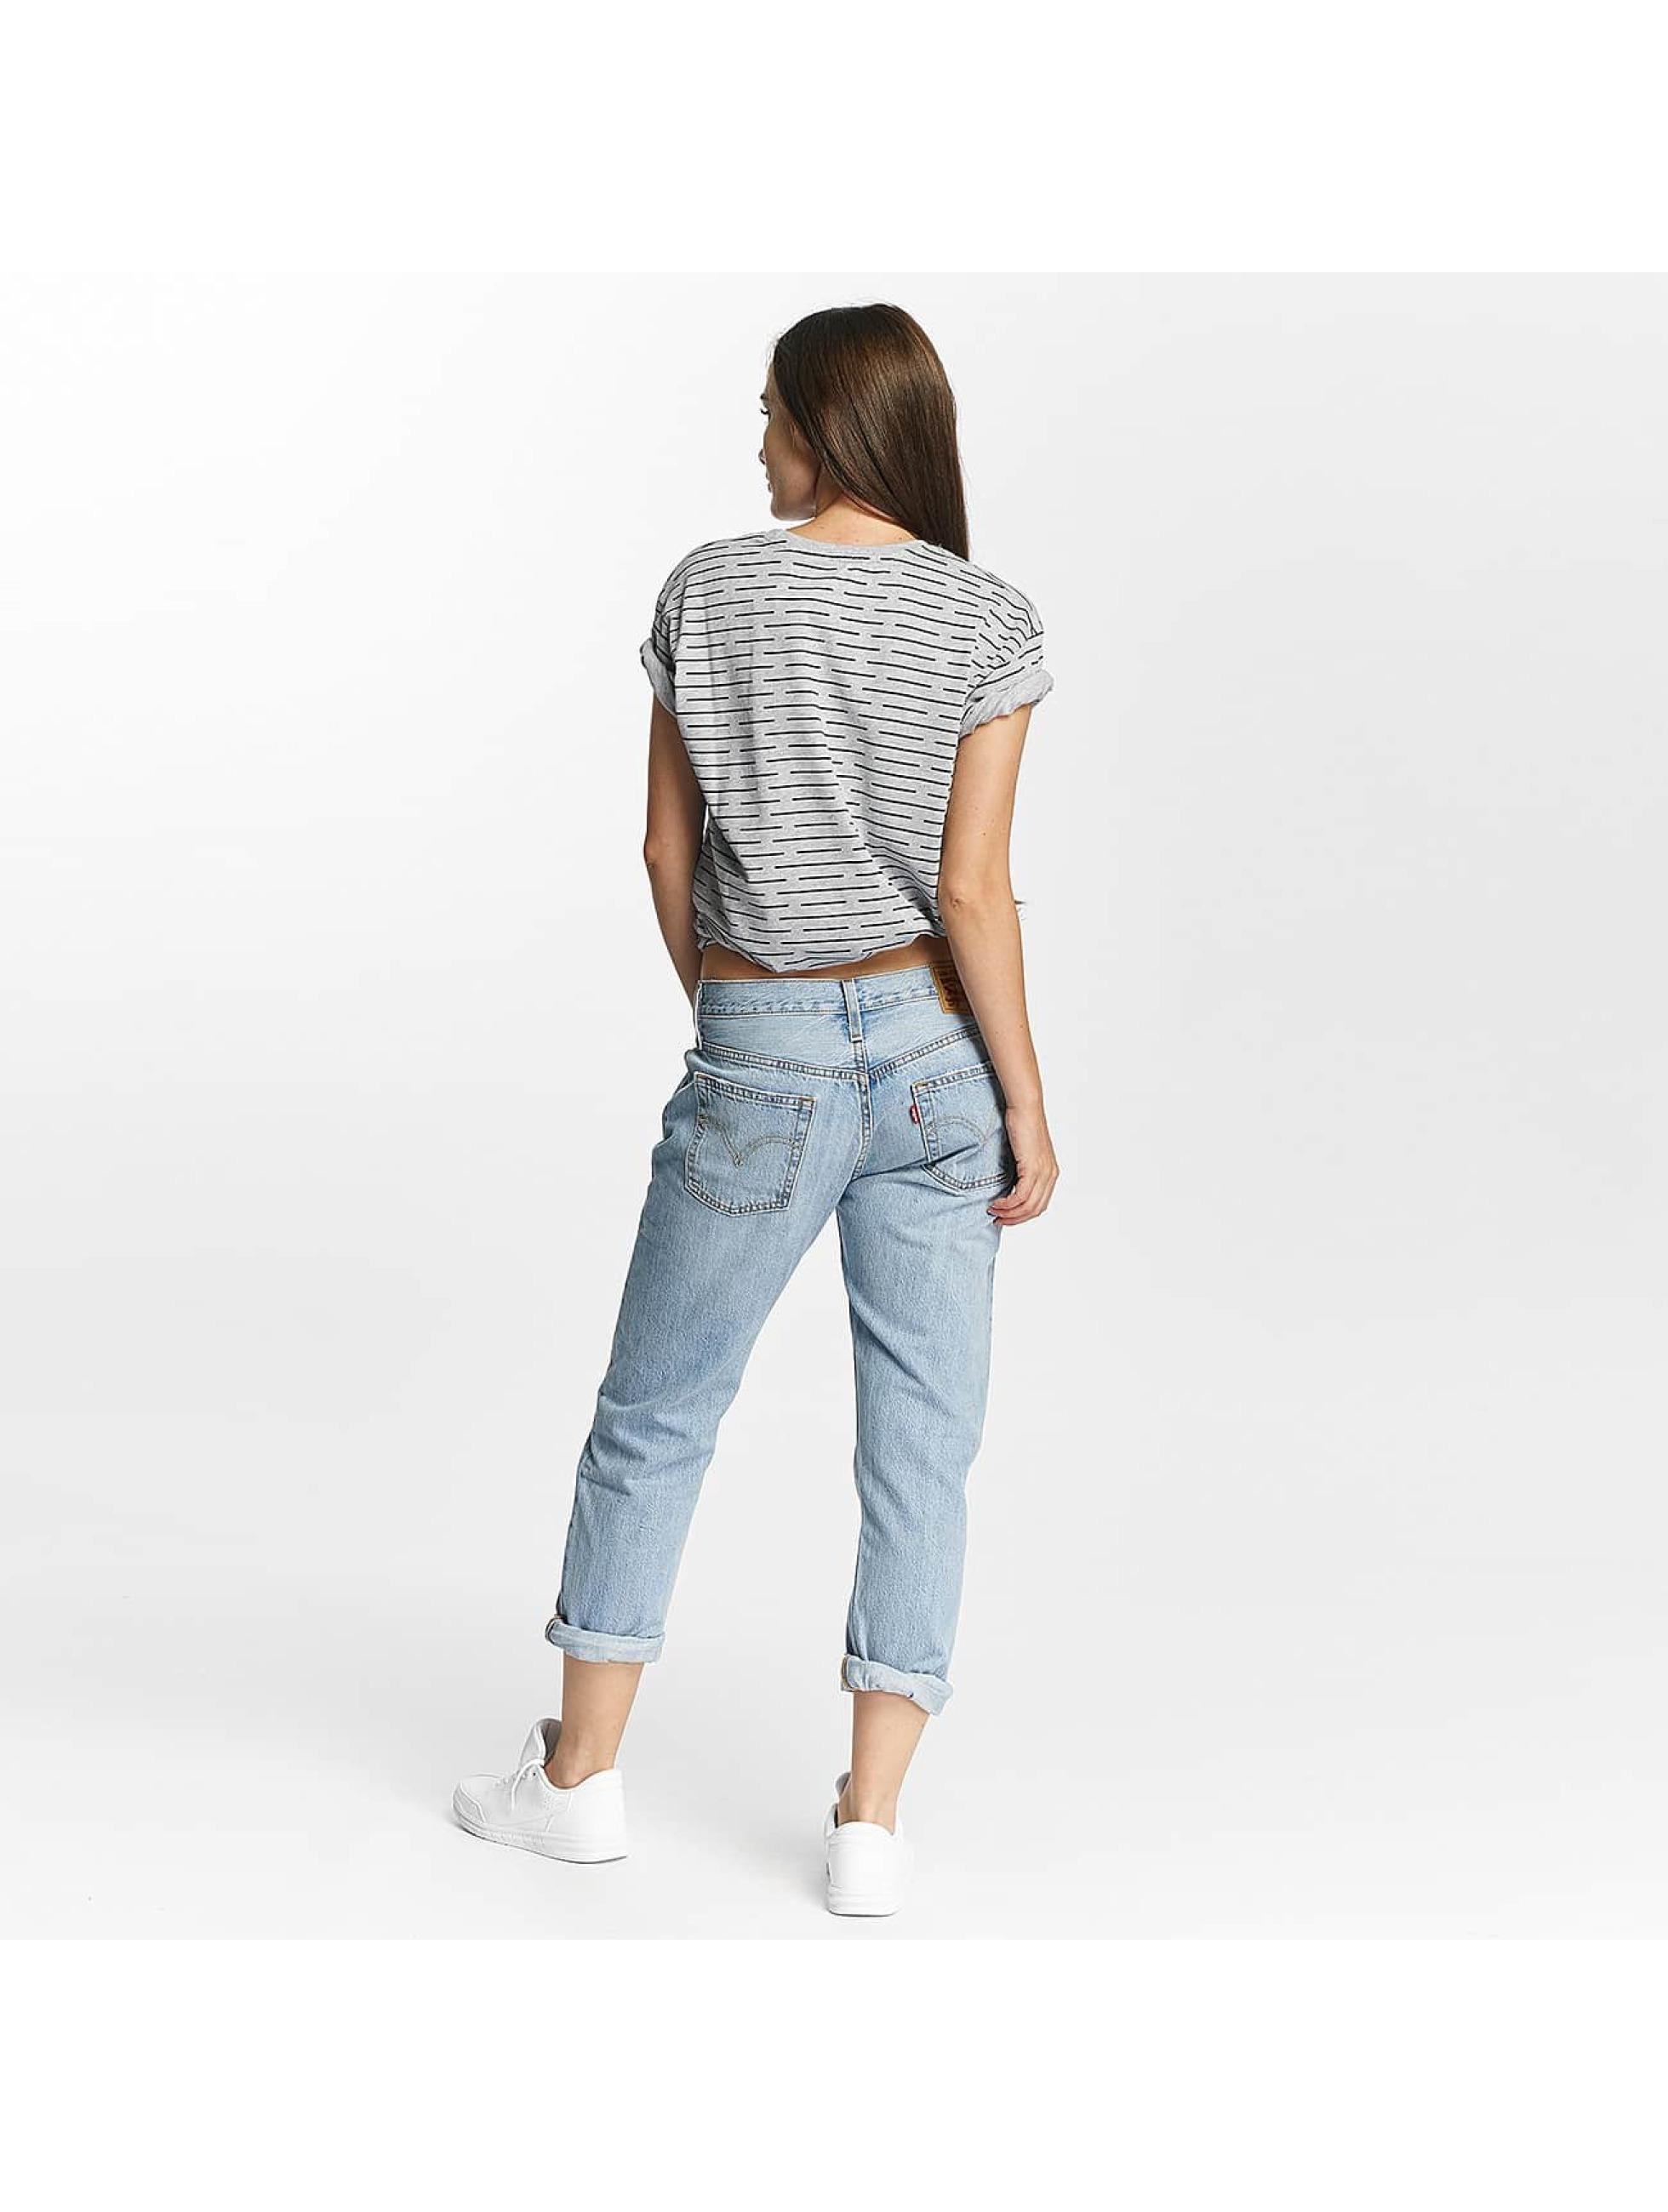 Cyprime t-shirt Carbon Oversized grijs